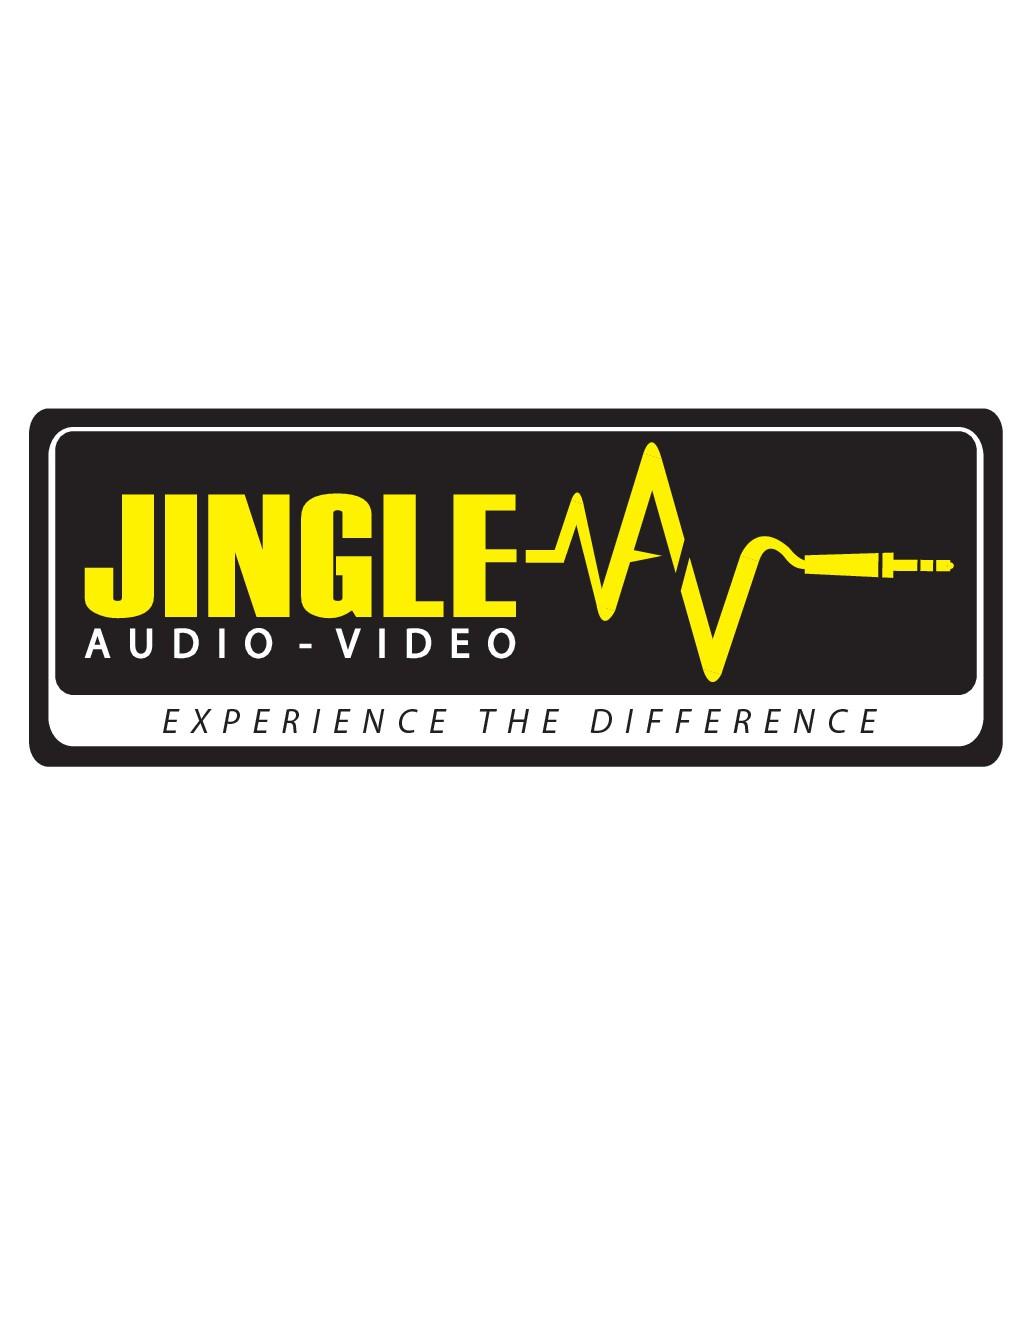 Design a lasting logo for Jingle AV (Audio Video)